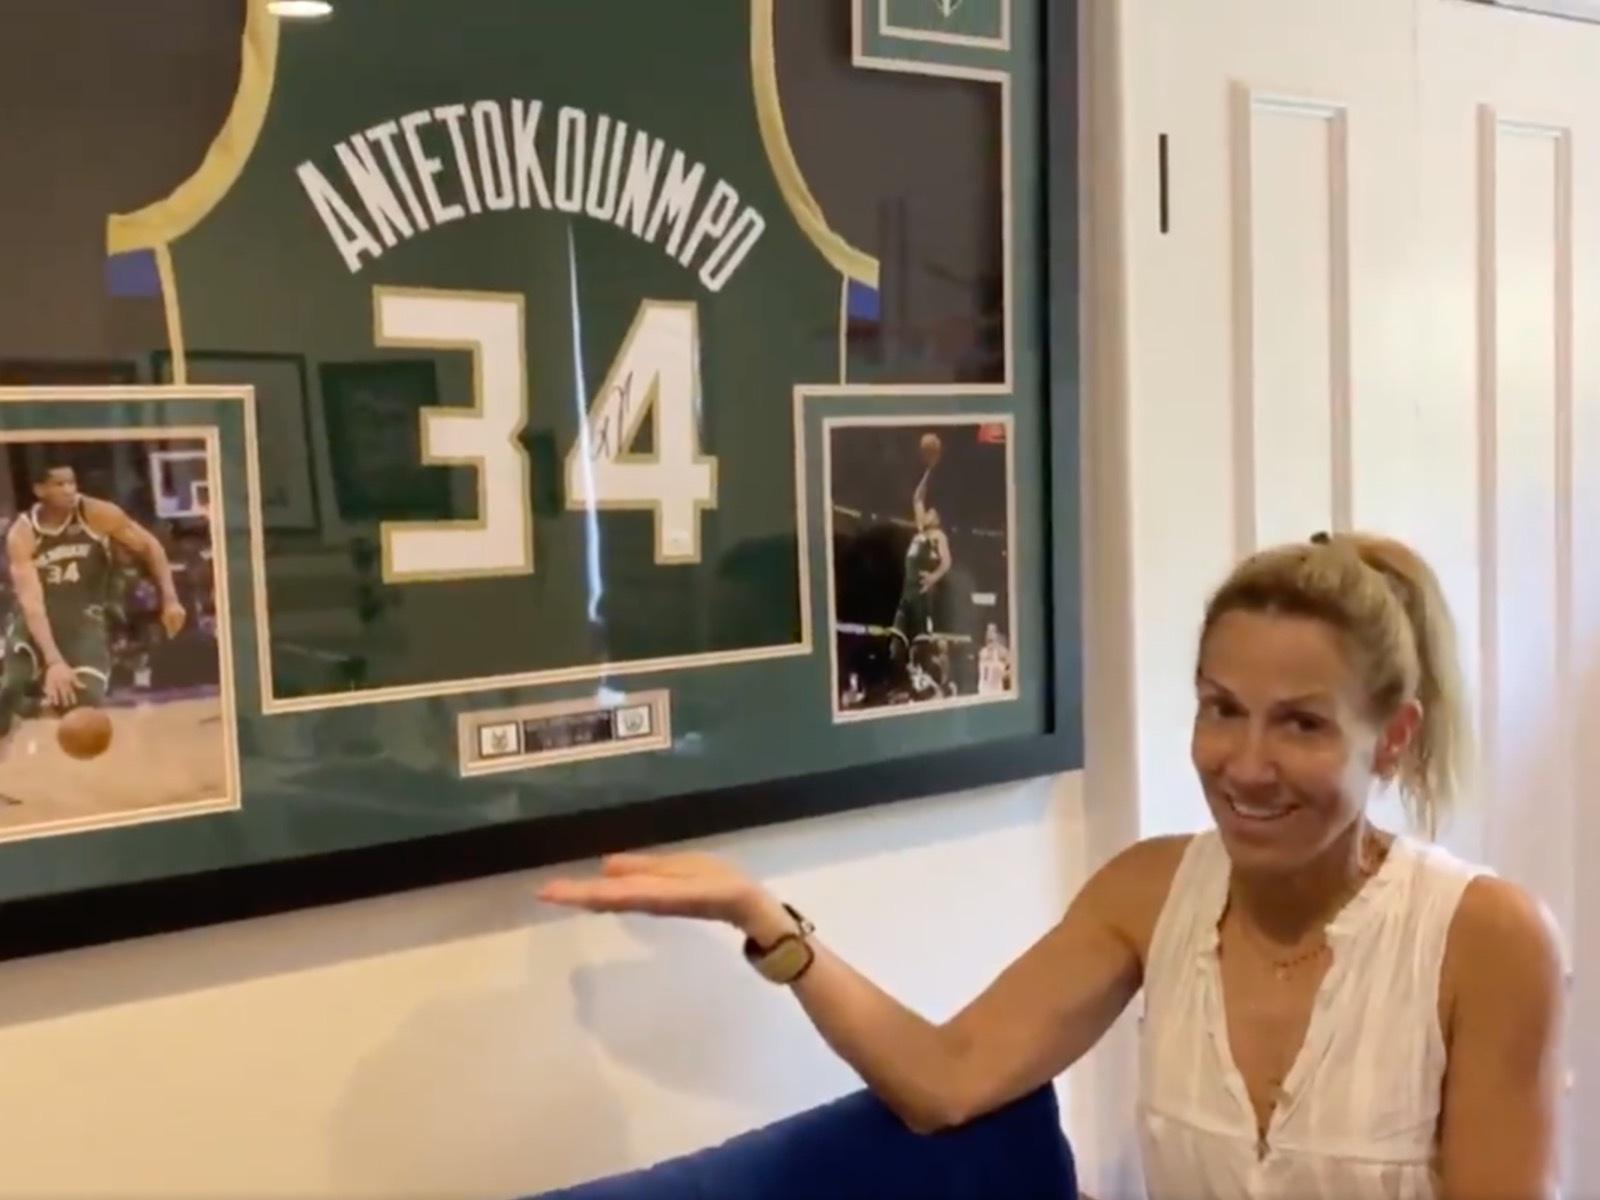 7 famous Milwaukee Bucks fans